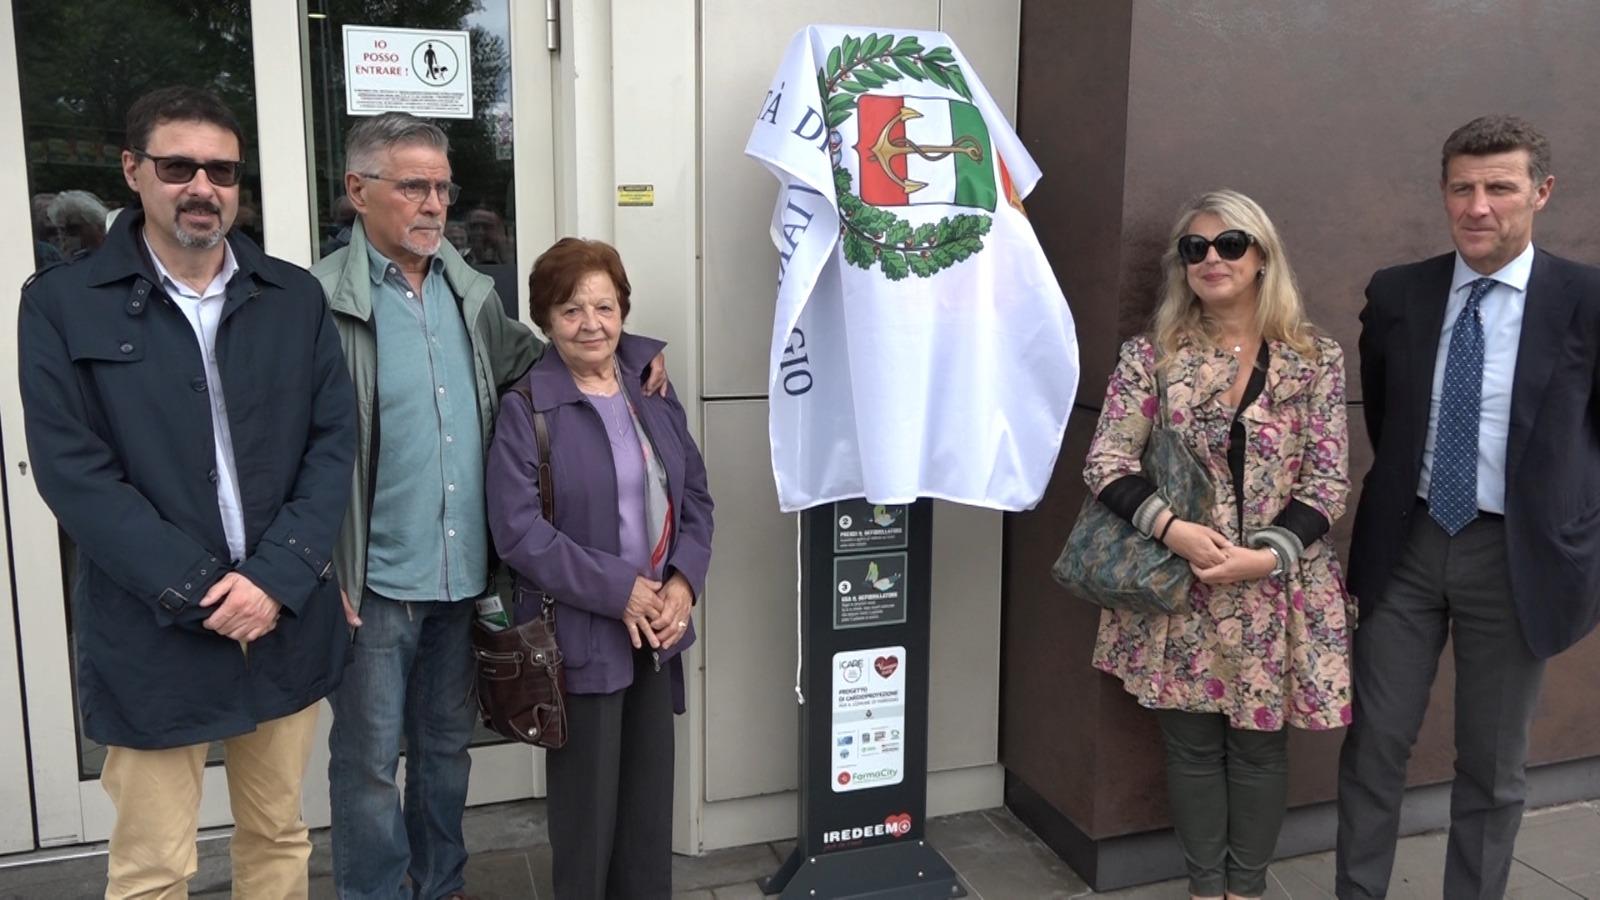 iCare Viareggio Cuore, 10 defibrillatori per ogni farmacia e nei due cimiteri